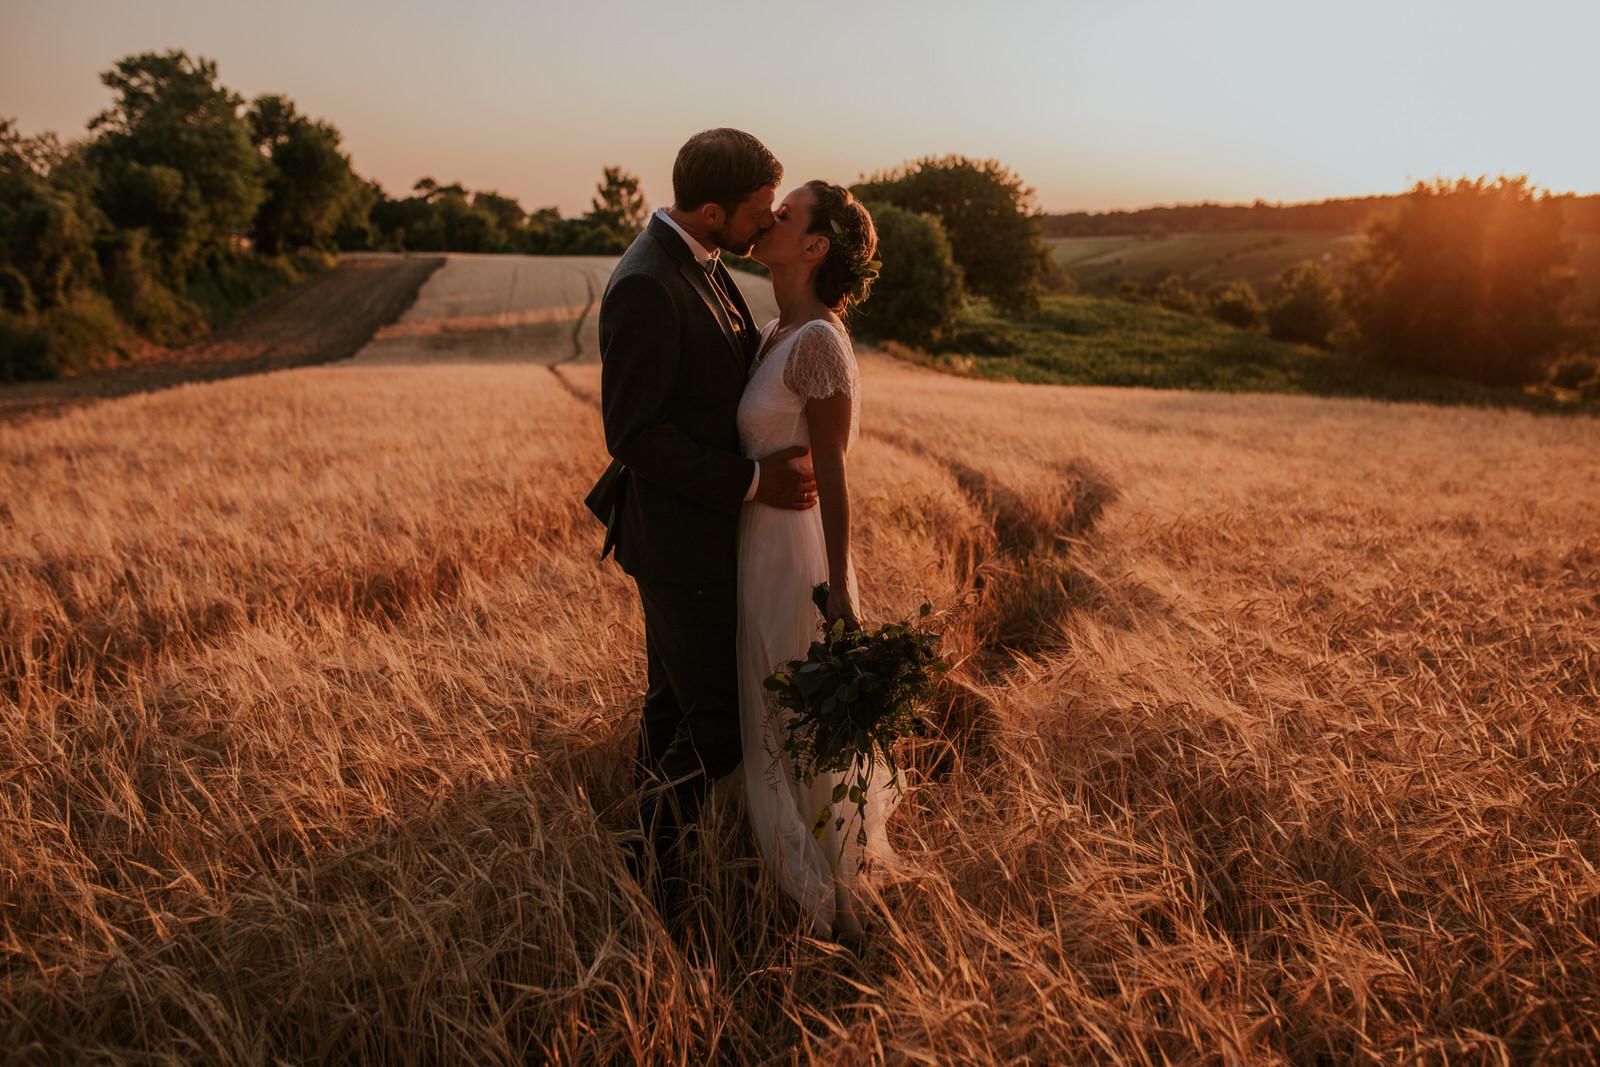 Hochzeit-Augenschmaus-und Gaumenfreuden-Hochzeitsfotograf-12.jpg